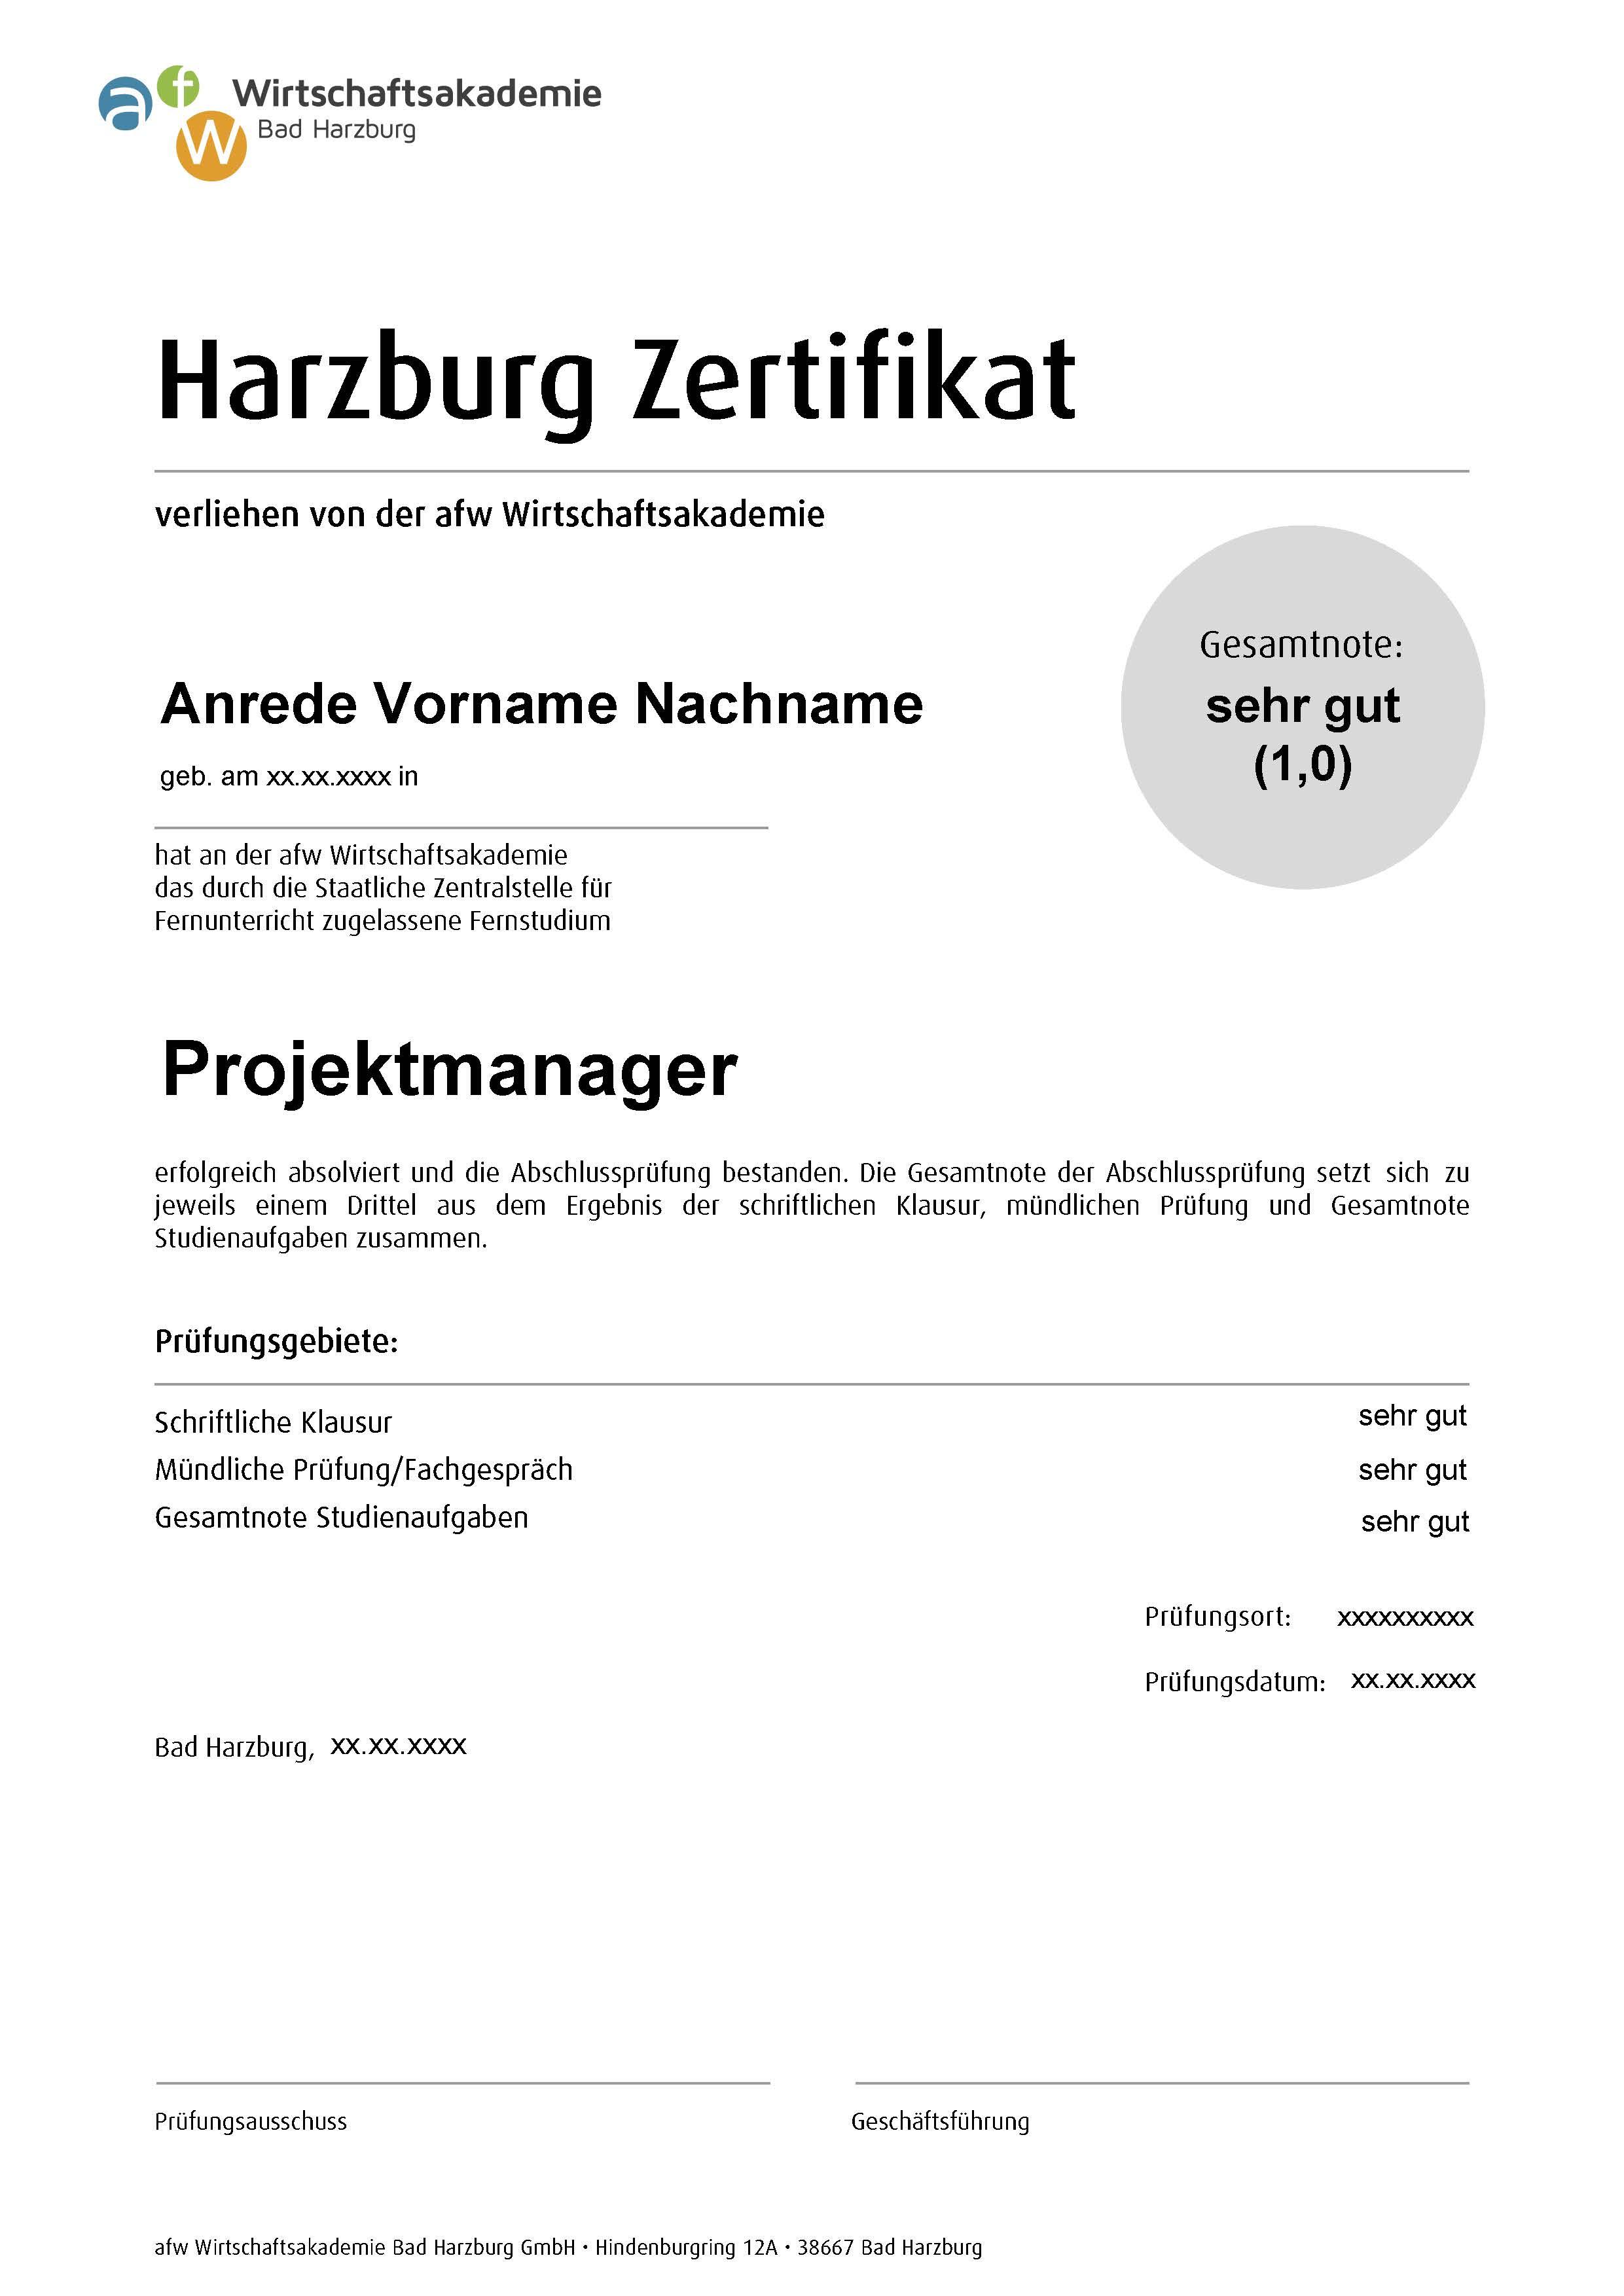 model_harzburg_certifikat_s1